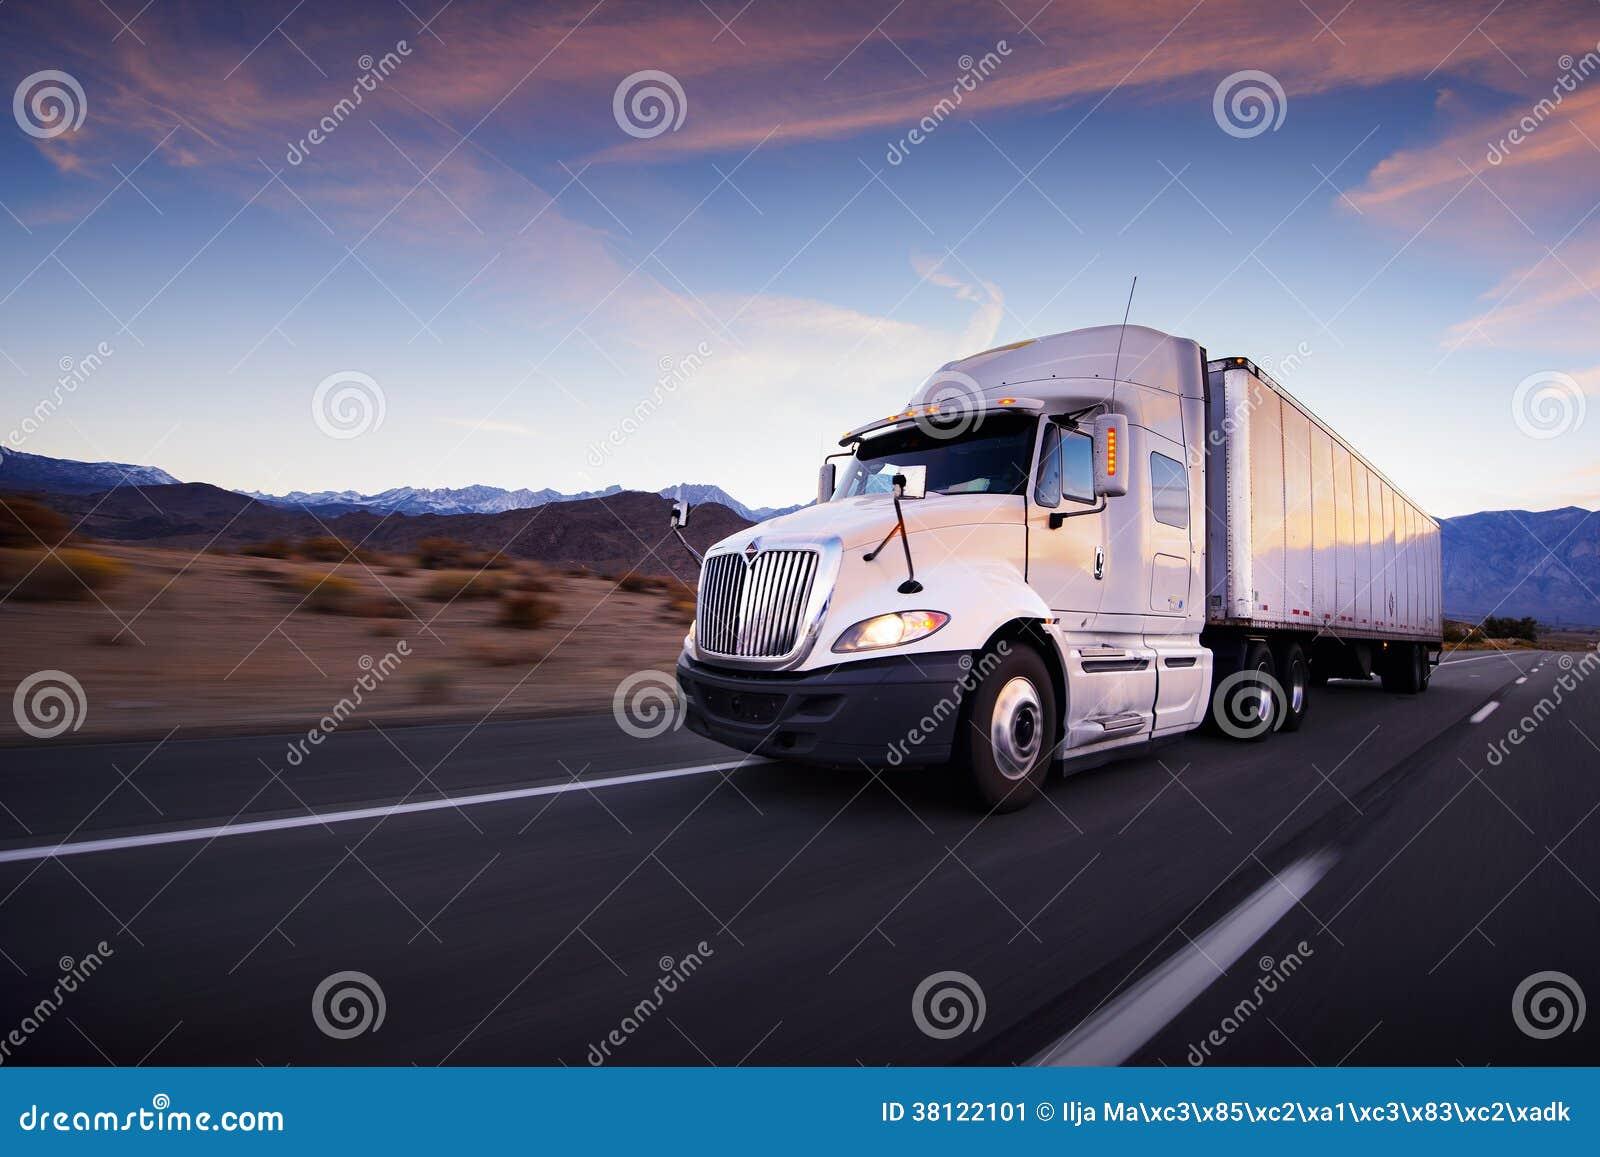 Camion e strada principale al tramonto - fondo del trasporto